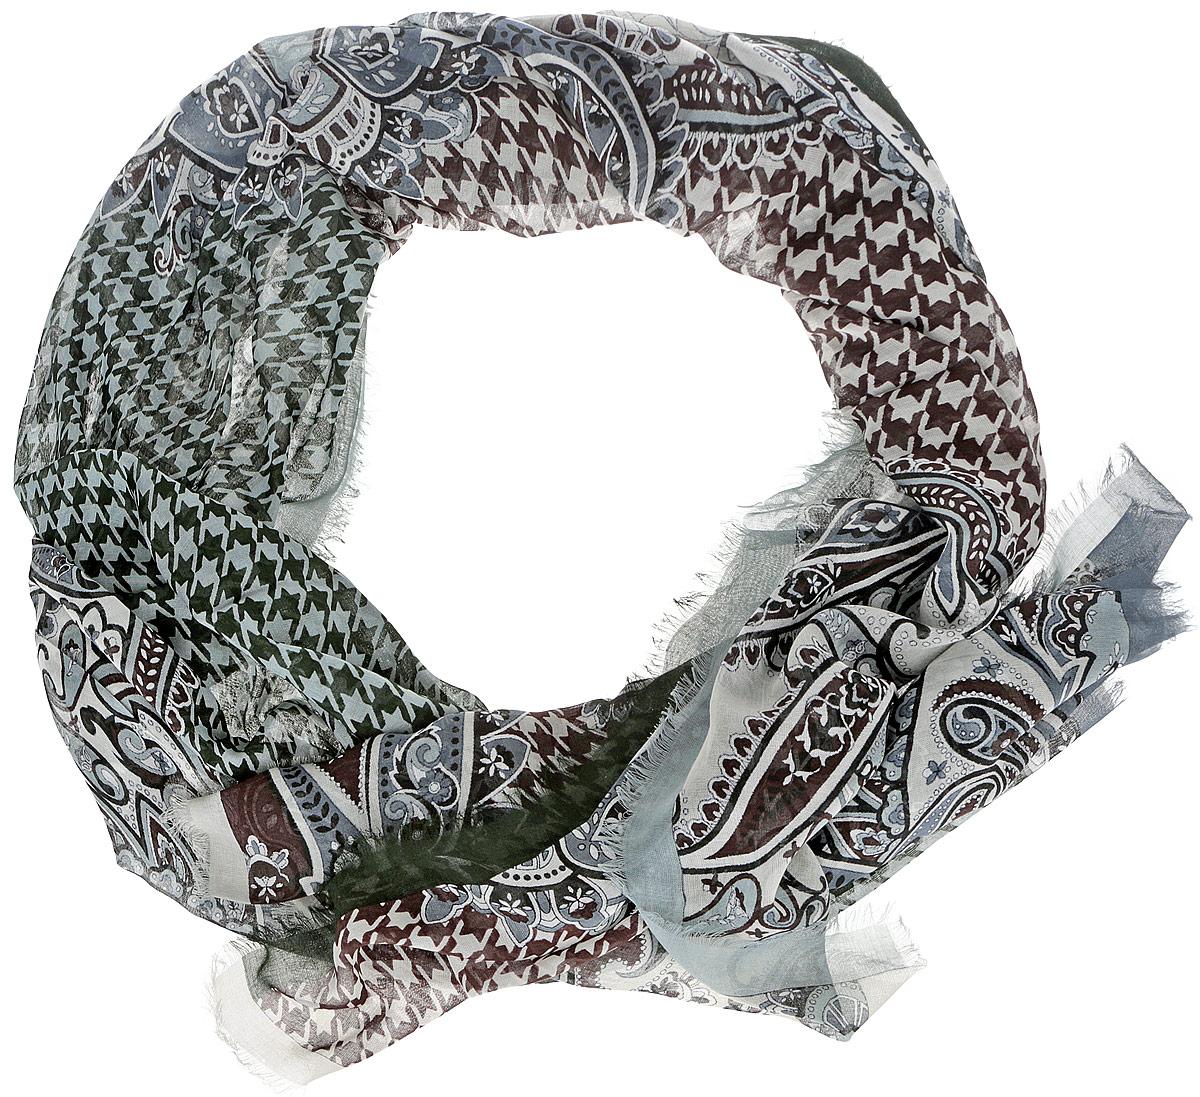 Шарф женский Leo Ventoni, цвет: темно-зеленый, белый. CX1516-55-10. Размер 180 см х 90 смCX1516-55-10Модный женский шарф Leo Ventoni подарит вам уют и станет стильным аксессуаром, который призван подчеркнуть вашу индивидуальность и женственность. Тонкий шарф выполнен из высококачественного 100% модала, он невероятно мягкий и приятный на ощупь. Шарф оформлен тонкой бахромой по краю и украшен принтом в мелкую клетку с изображением изысканных этнических узоров.Этот модный аксессуар гармонично дополнит образ современной женщины, следящей за своим имиджем и стремящейся всегда оставаться стильной и элегантной. Такой шарф украсит любой наряд и согреет вас в непогоду, с ним вы всегда будете выглядеть изысканно и оригинально.